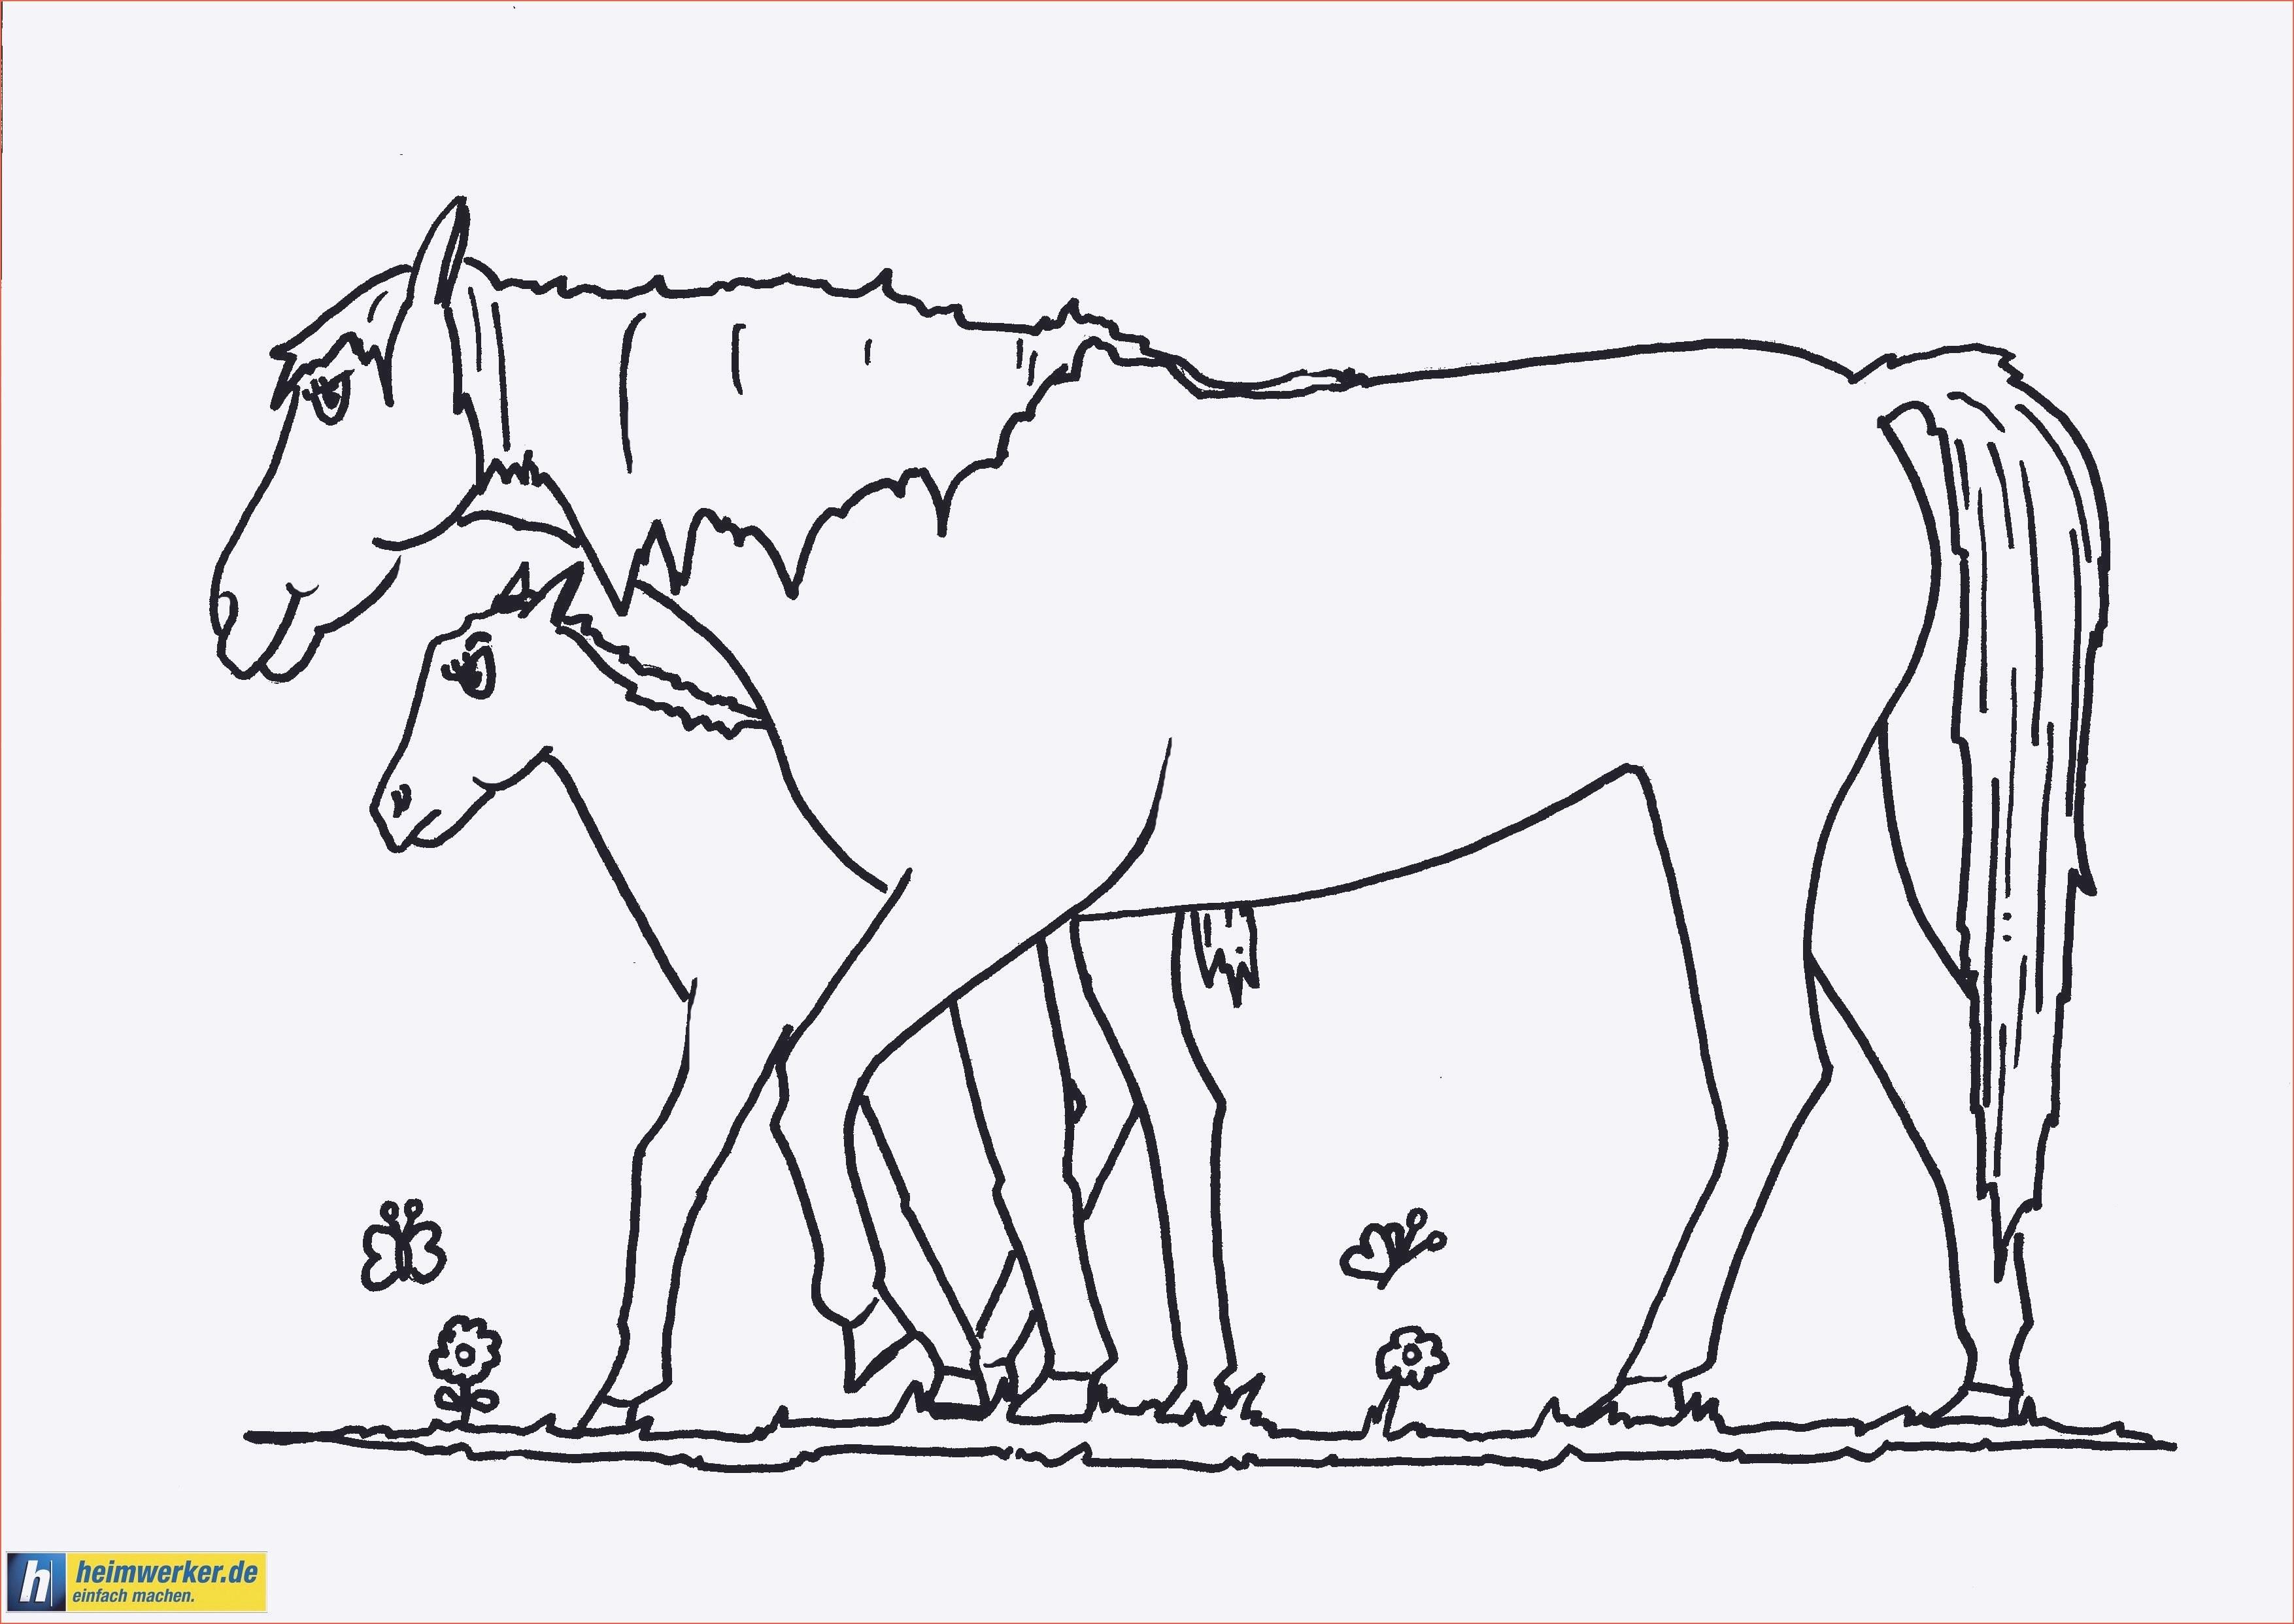 Graffiti Schrift Zum Ausmalen Einzigartig 37 Ausmalbilder Pferd Mit Fohlen Scoredatscore Schön Ausmalbilder Das Bild